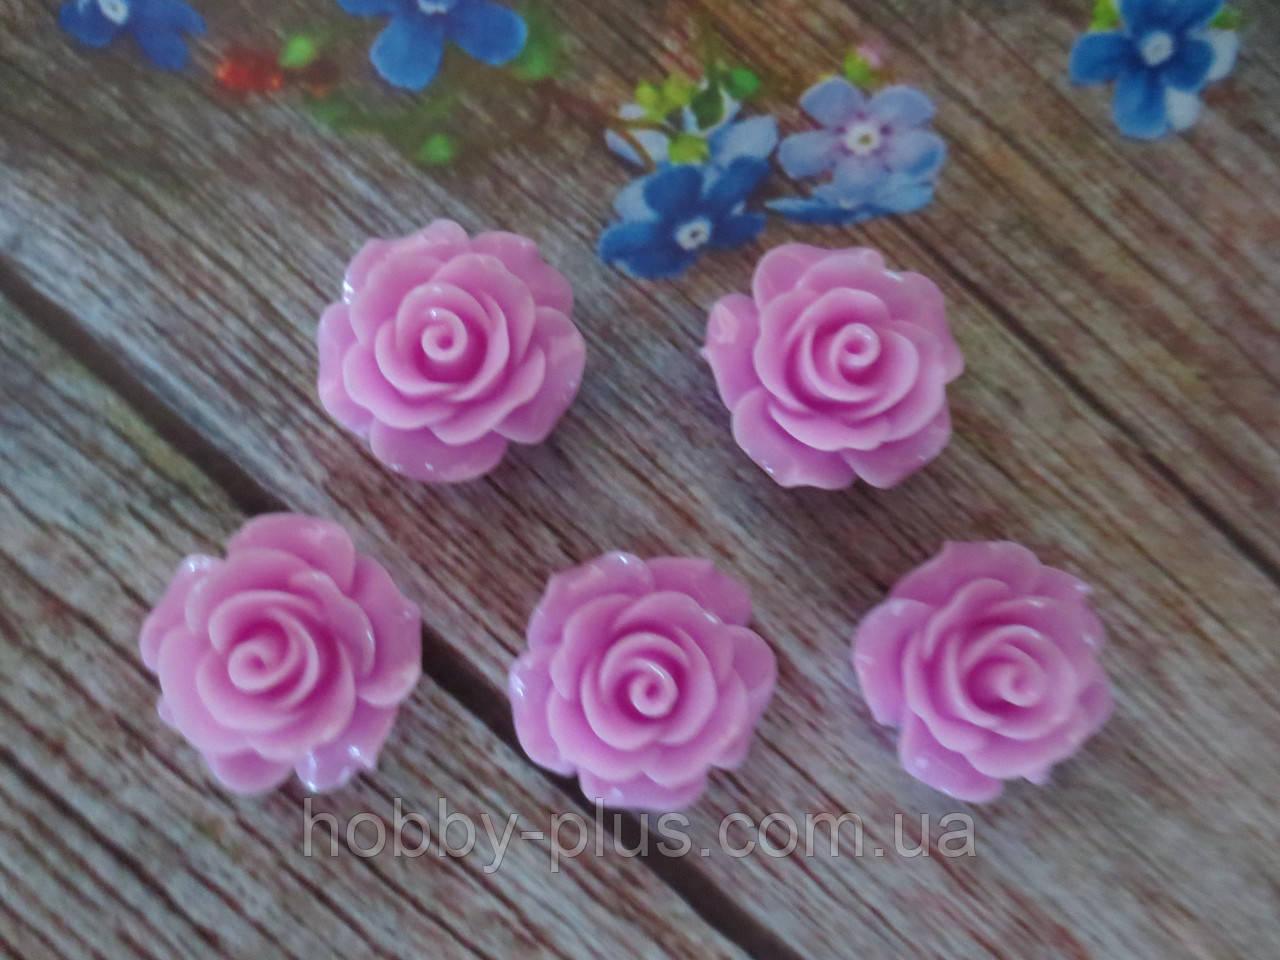 """Серединка акриловая """"Роза лаковая"""", 20 мм, цвет лиловый, 1 шт."""